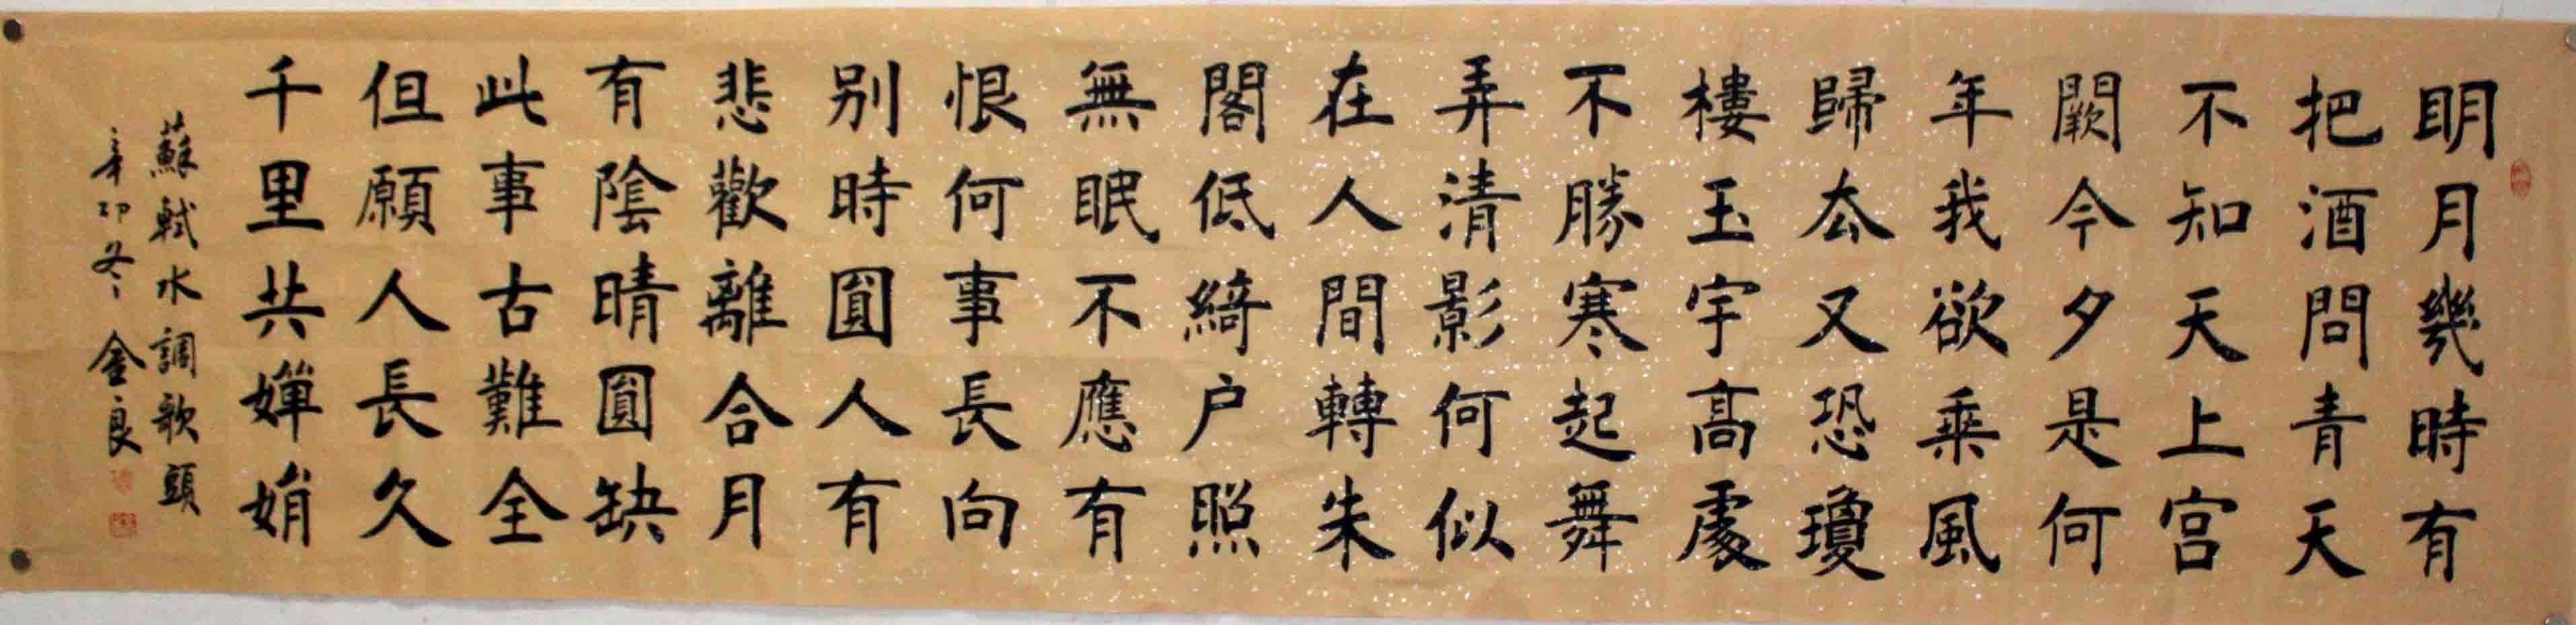 〔芥须斋画廊〕字画楷书 字画书法八尺屏苏轼词水调歌头k371图片